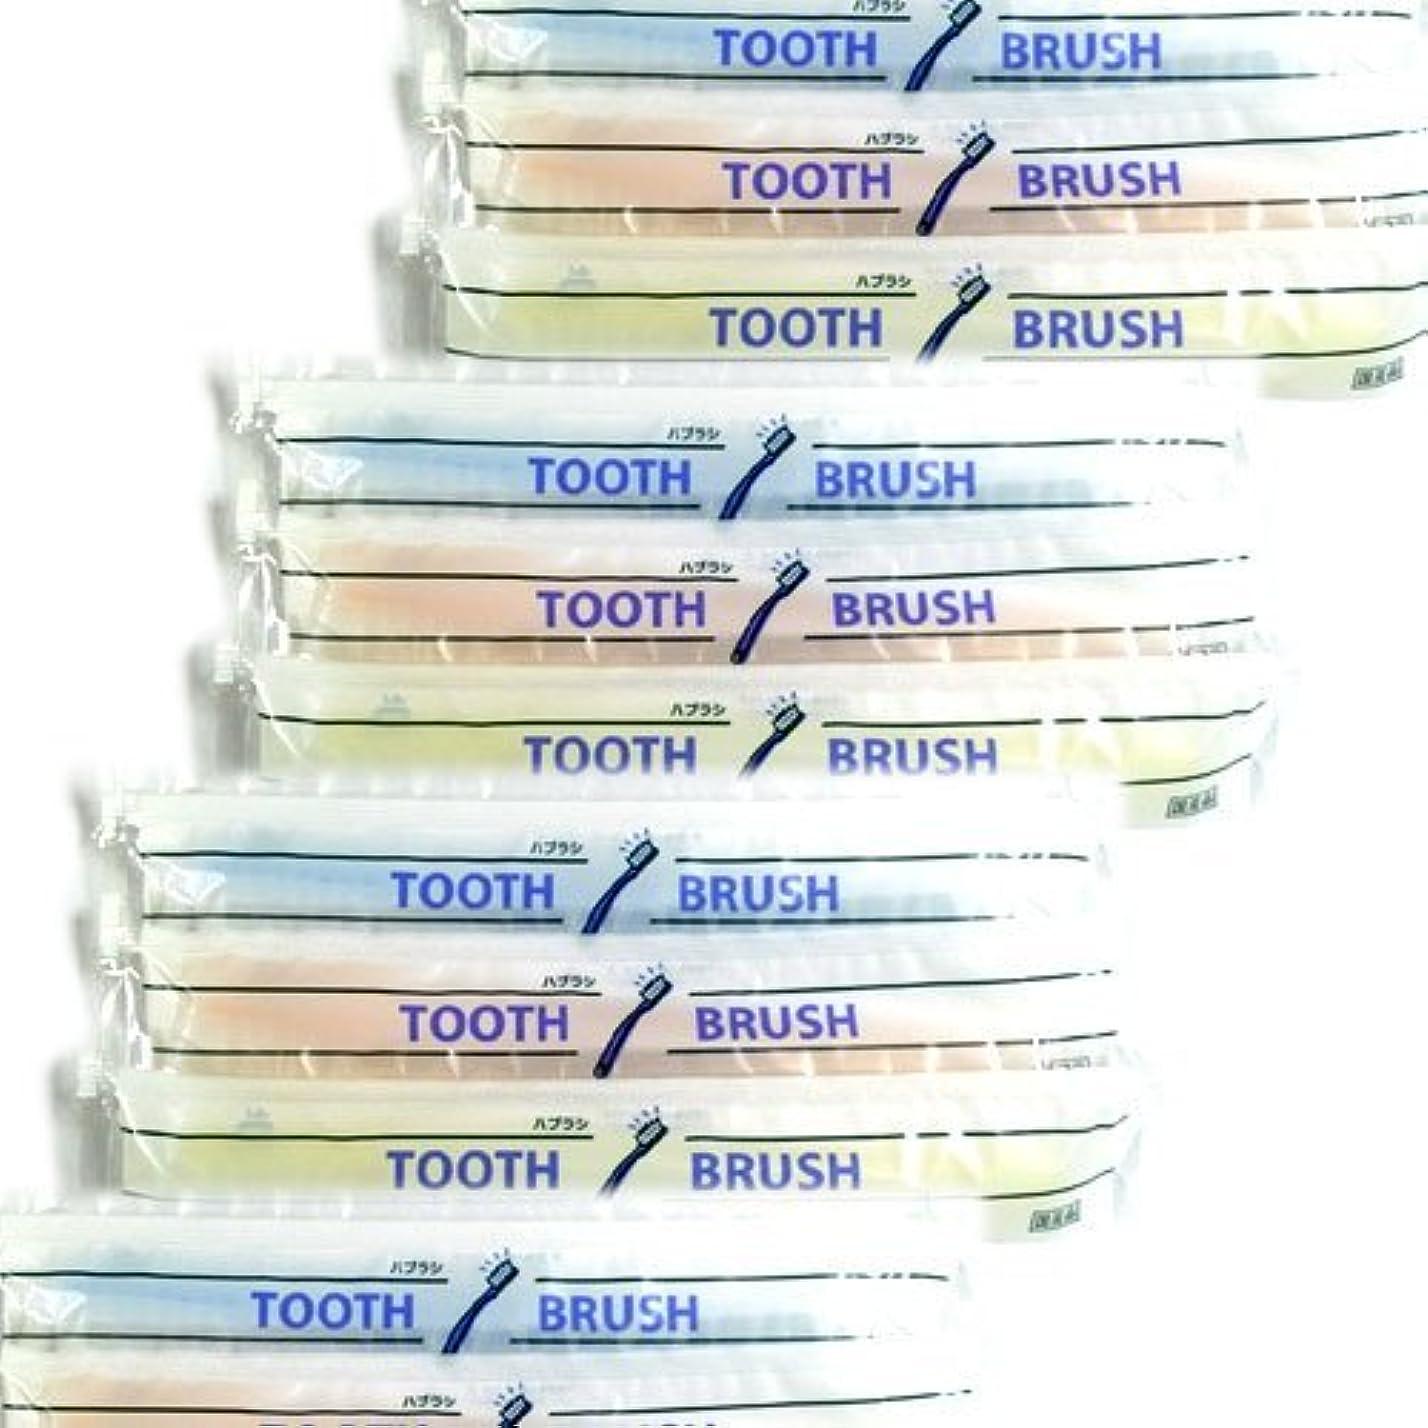 届ける農奴植生ホテルアメニティ 業務用 使い捨て(インスタント) 粉付き歯ブラシ × 30個セット